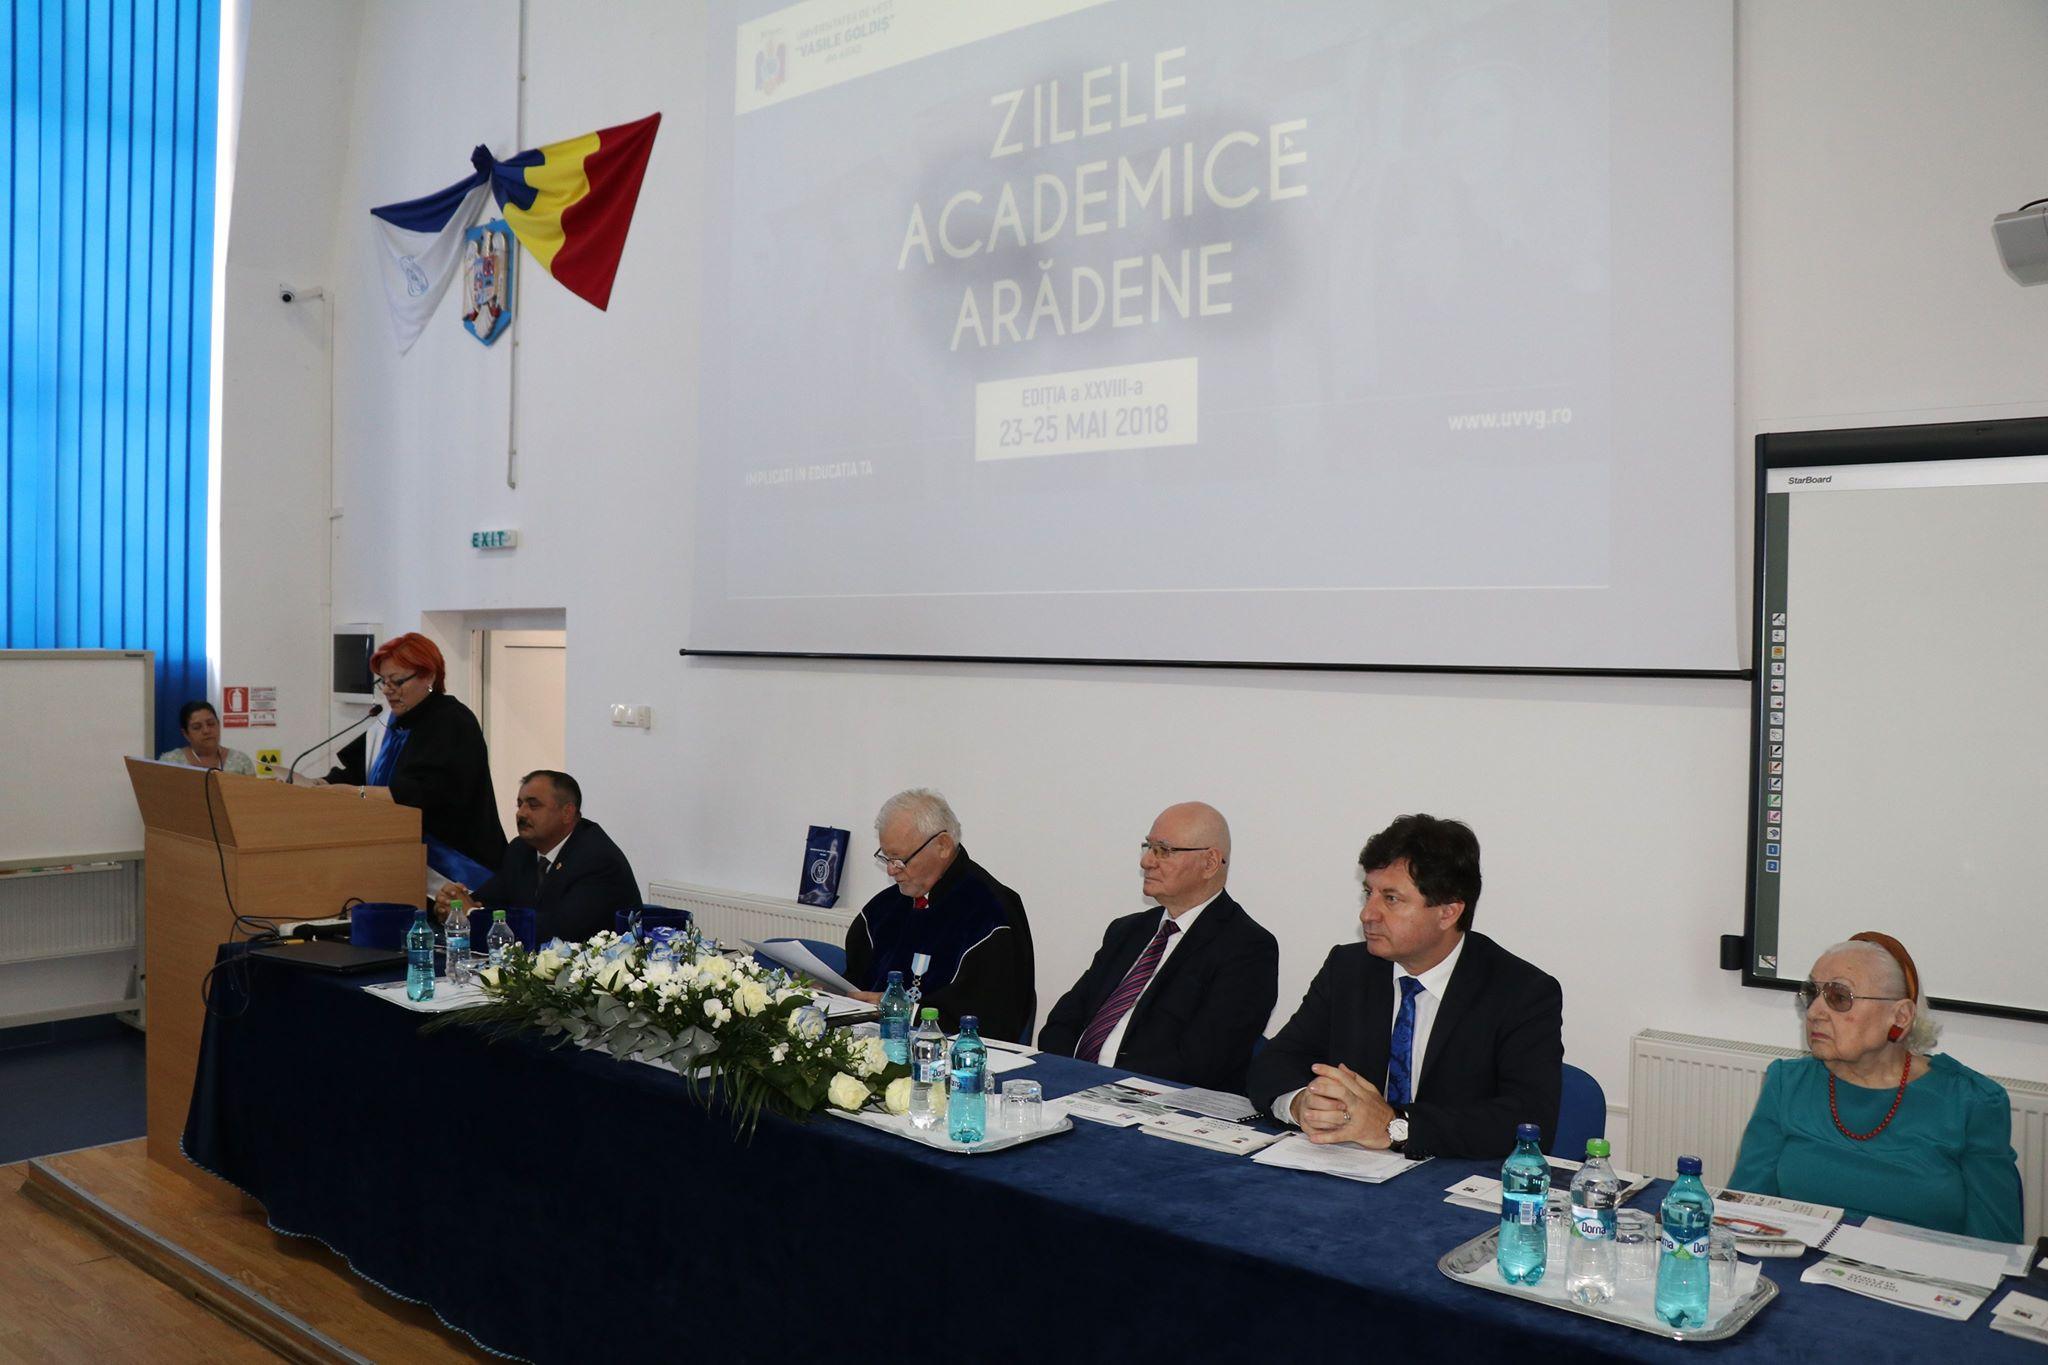 """Iustin Cionca, preşedintele Consiliului Judeţean Arad, la deschiderea Zilelor Academice ale Universităţii de Vest """"Vasile Goldiş"""": """"Noi, aici, la Arad, am avut șansa unor personalități care au clădit frumos și durabil pentru comunitatea noastră"""""""